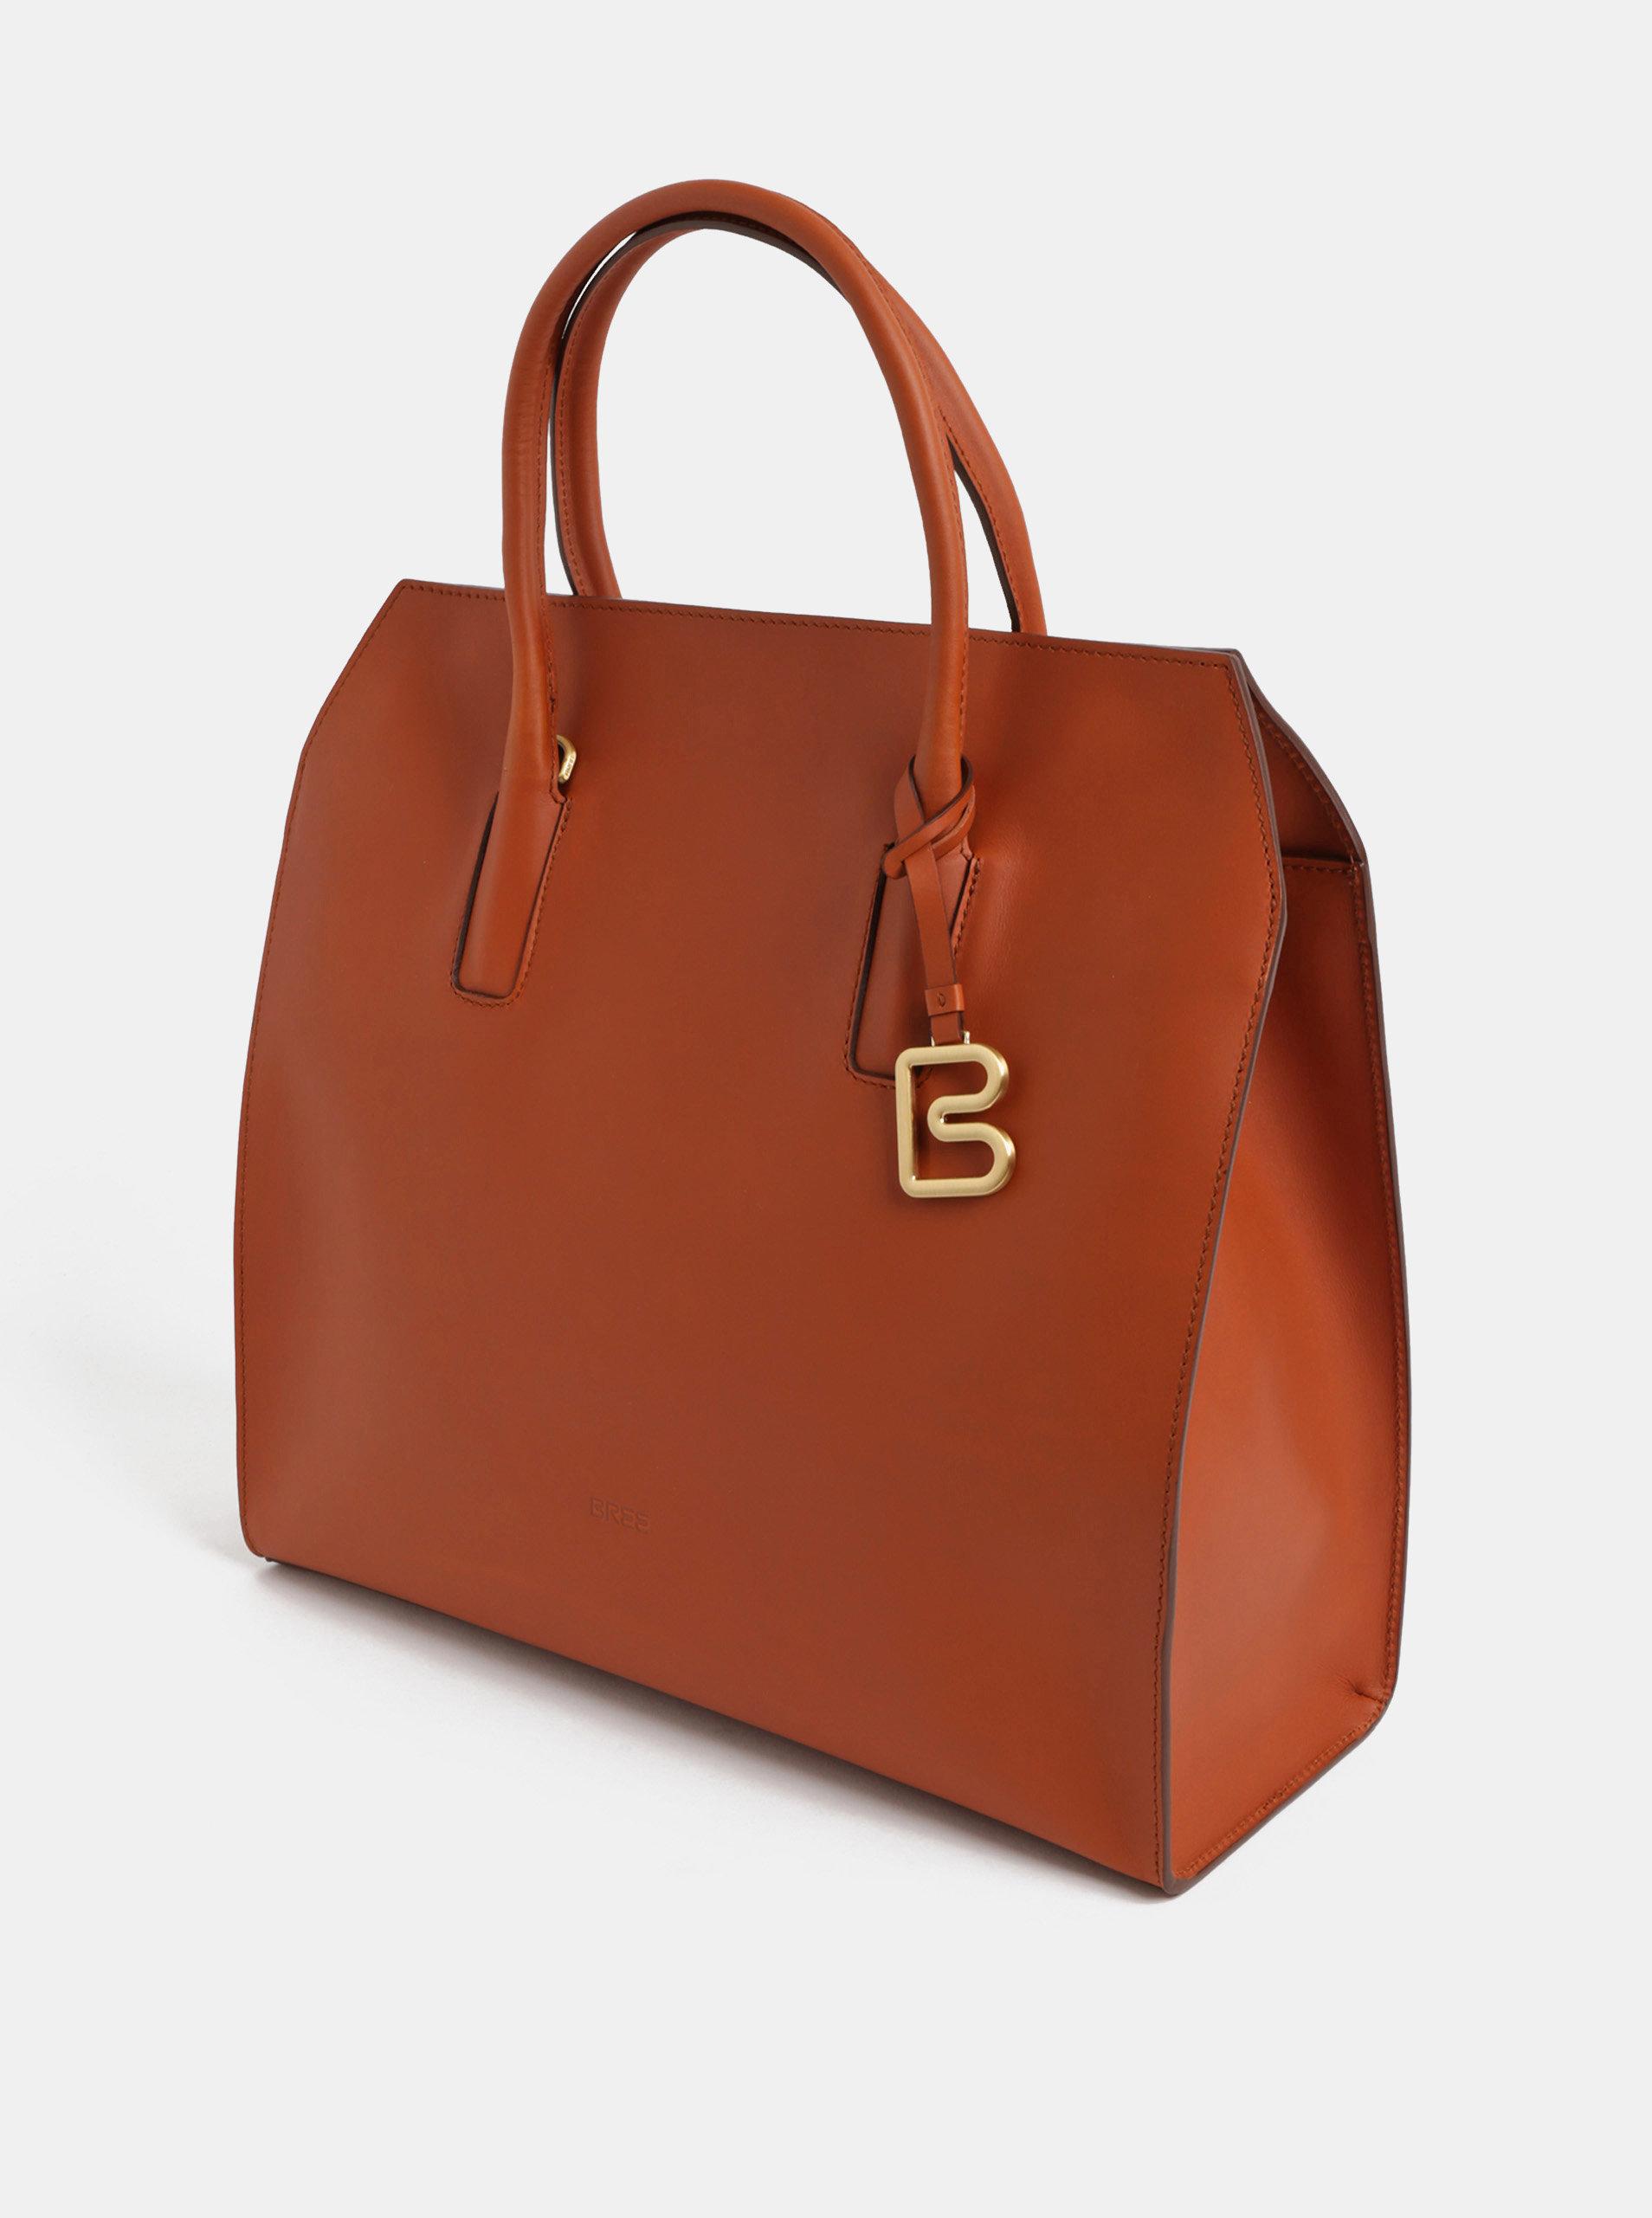 Hnedá veľká kabelka BREE Cambridge 11 ... de44d9a20f6